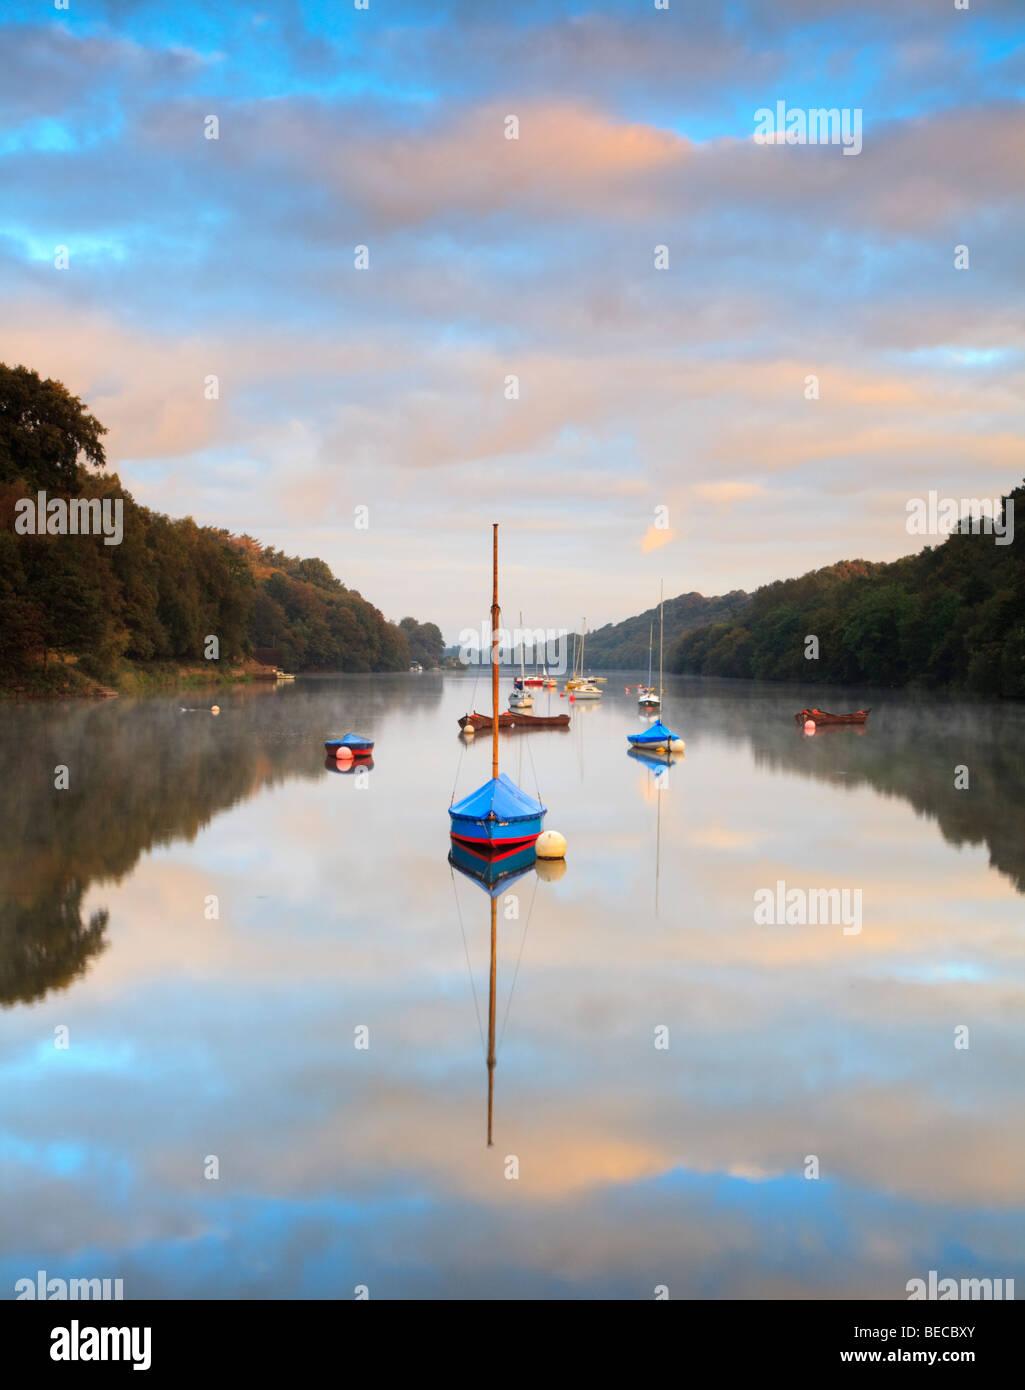 Le lever du soleil sur le lac tranquille dans Rudyard, poireau, dans le Staffordshire Photo Stock